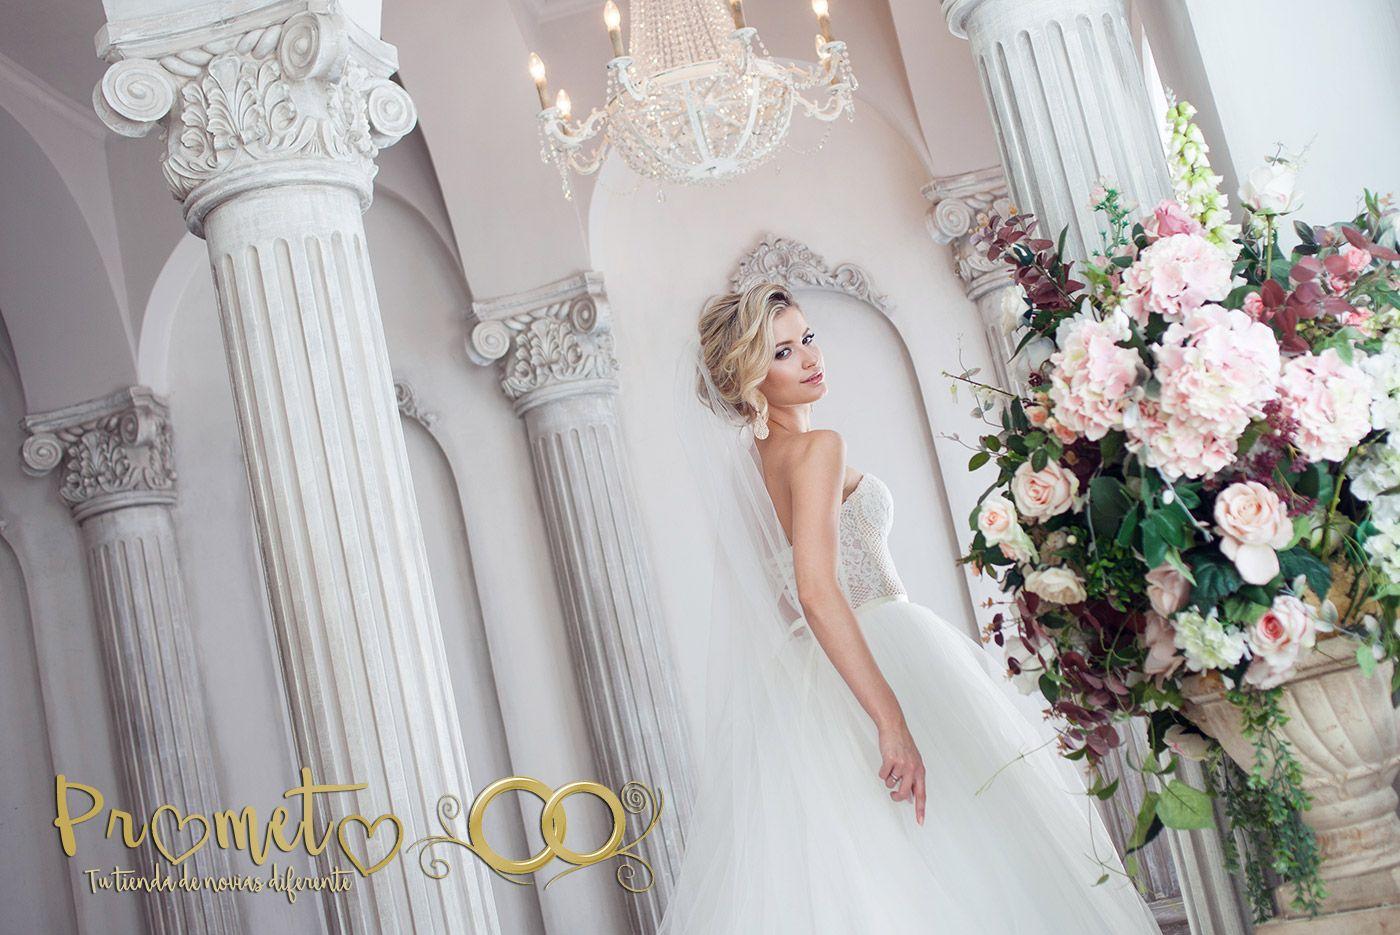 8974360b Prometo es una tienda online especializada en la venta de complementos de  novia con un toque diferente y una apuesta que mezcla las nuevas tendencias  con ...